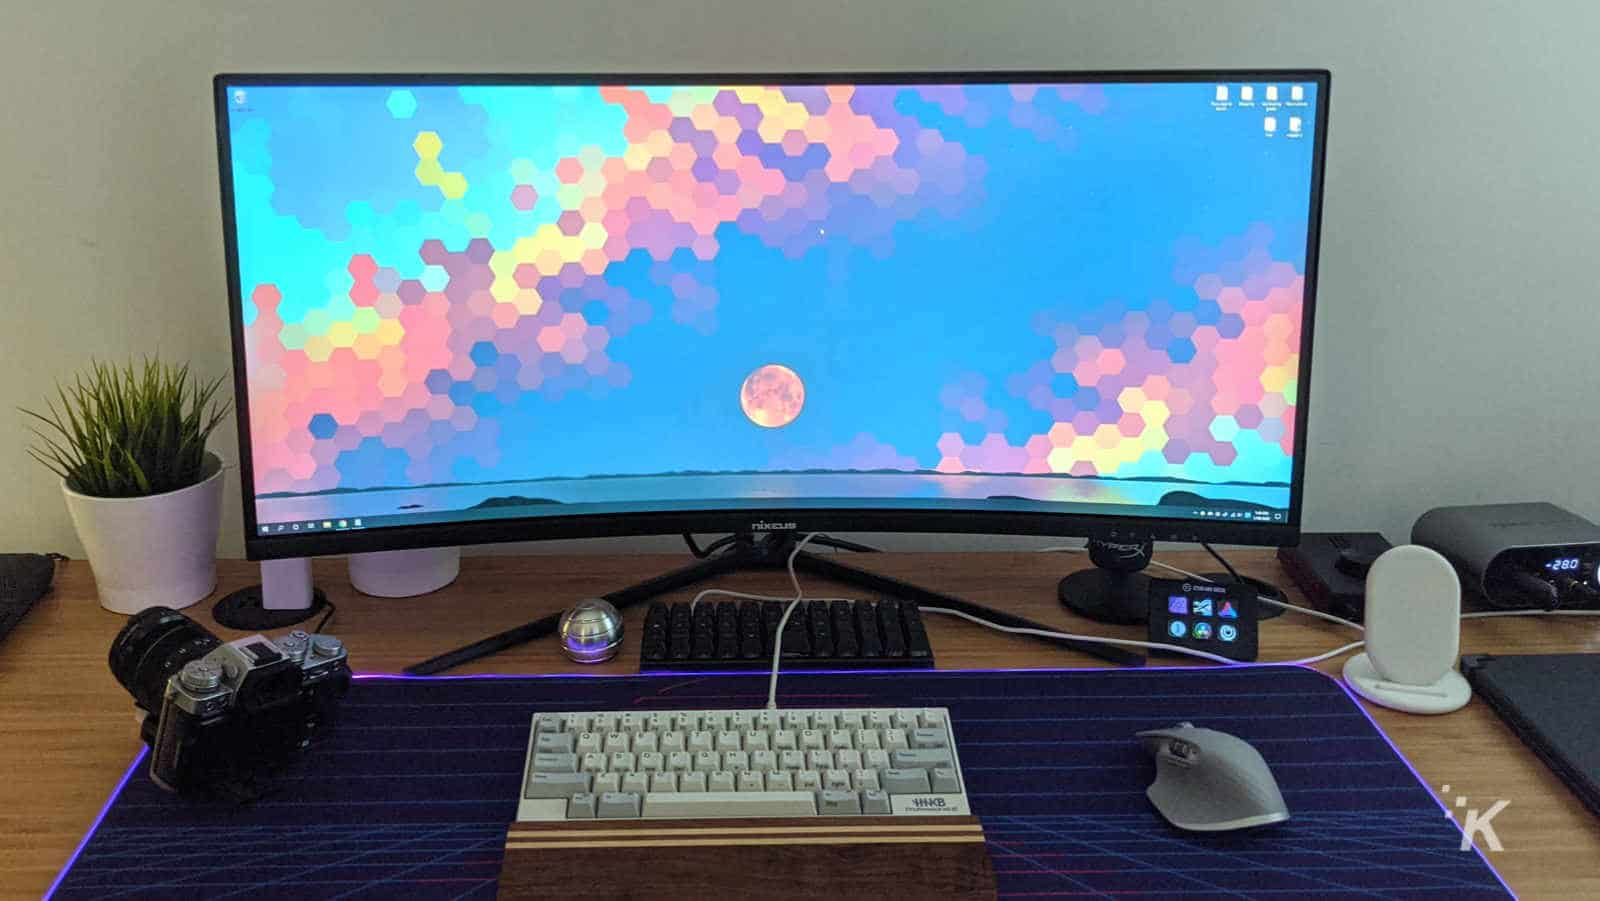 nixeus EDG34S monitor on table